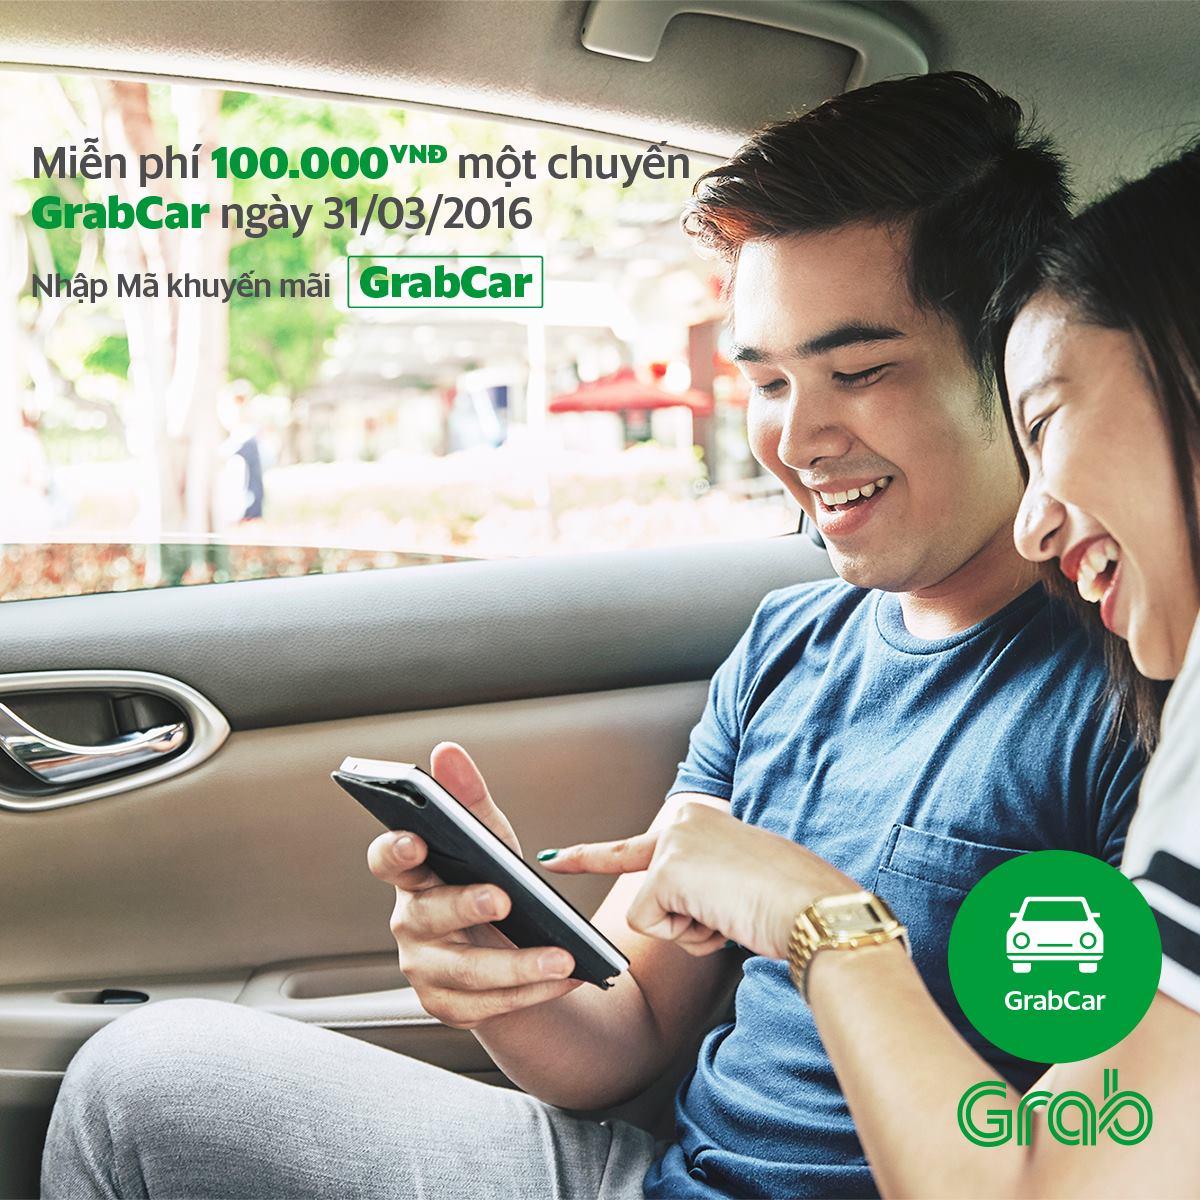 Miễn phí 100.000 đồng một chuyến đi GrabCar ngày 31/03/2016 - Ảnh 1.